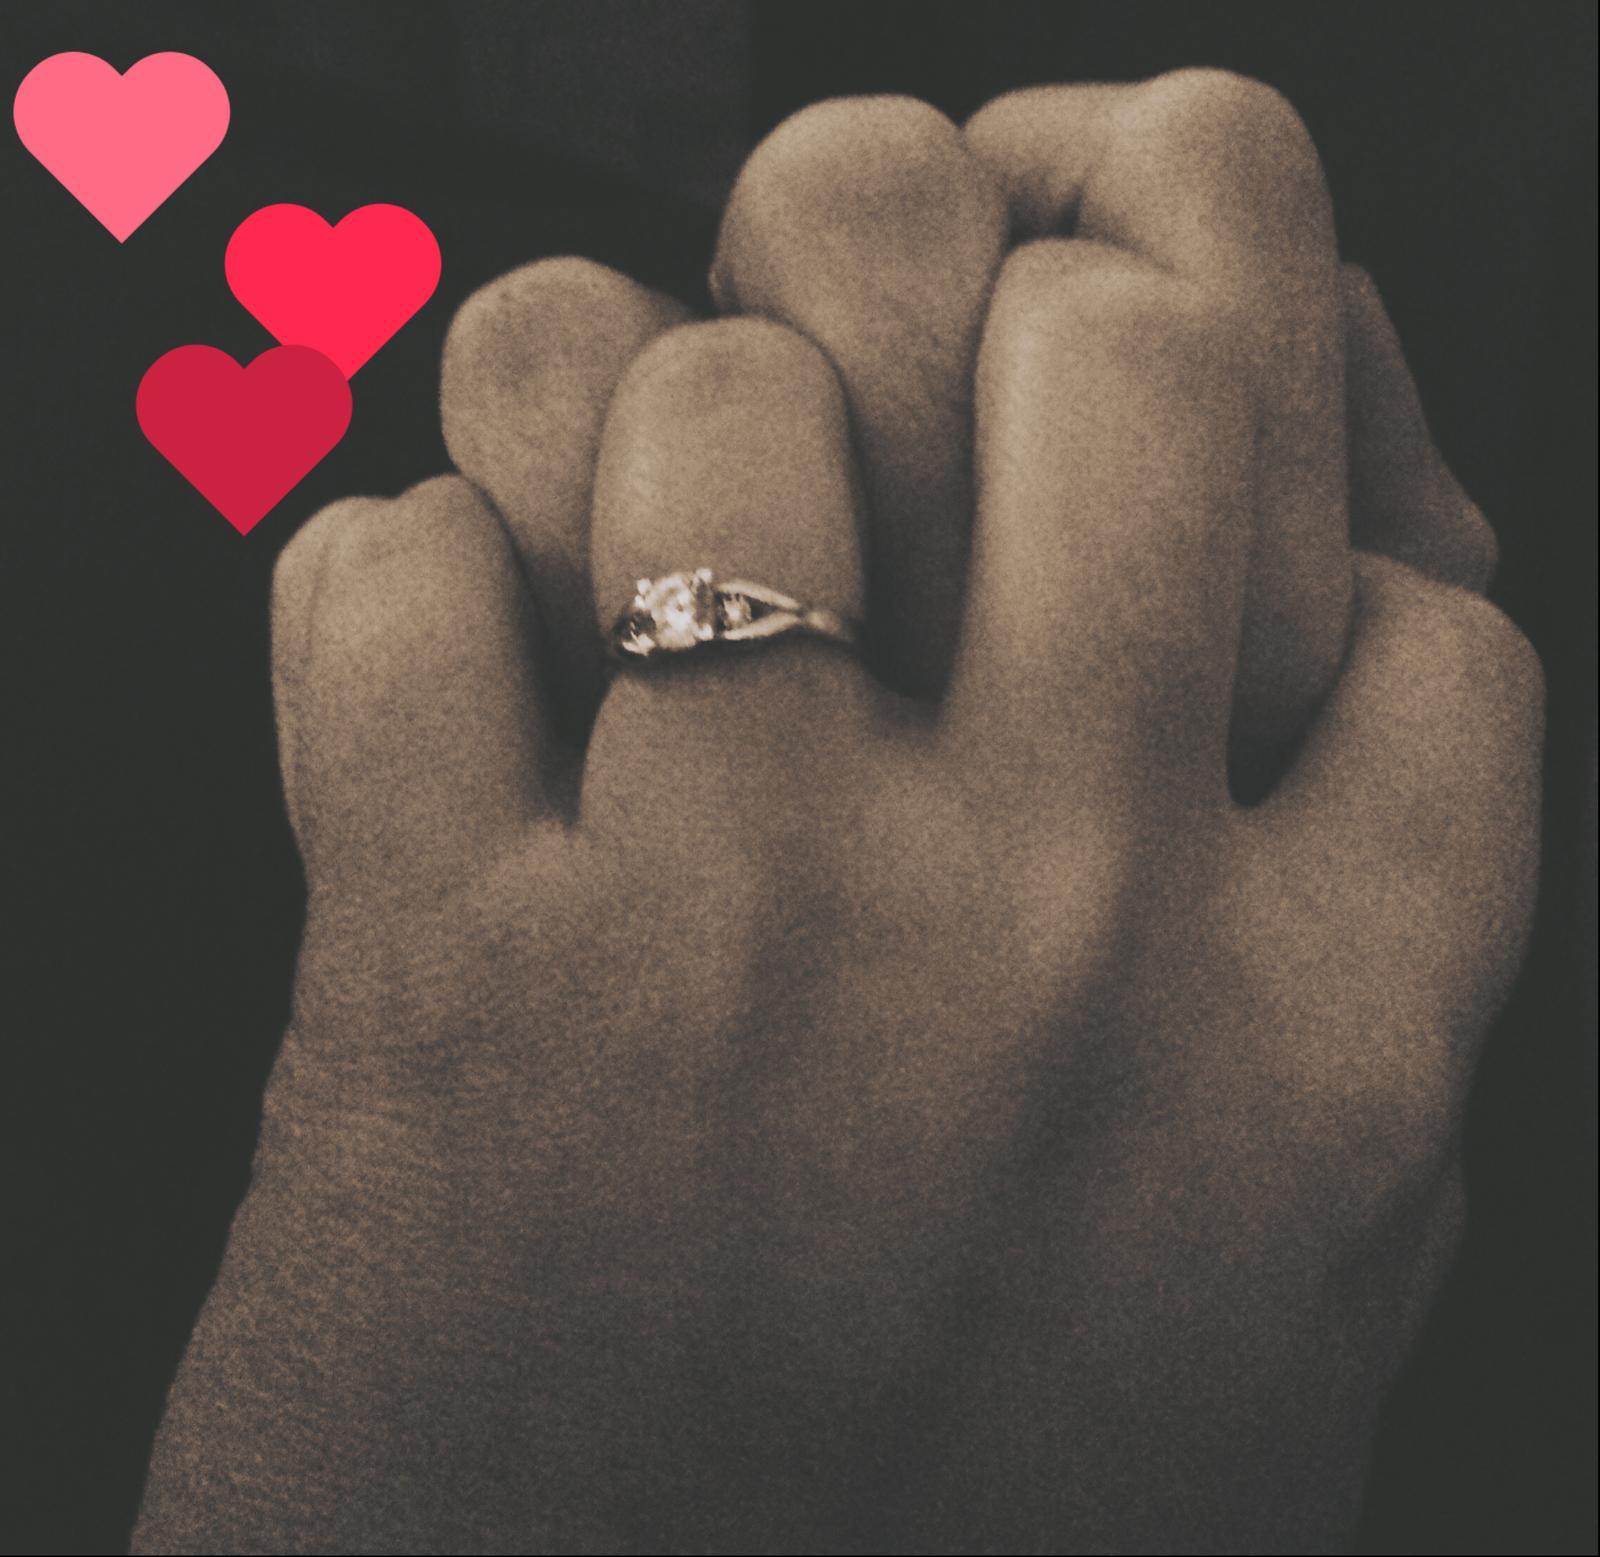 Bude svadba ❤ - Obrázok č. 1